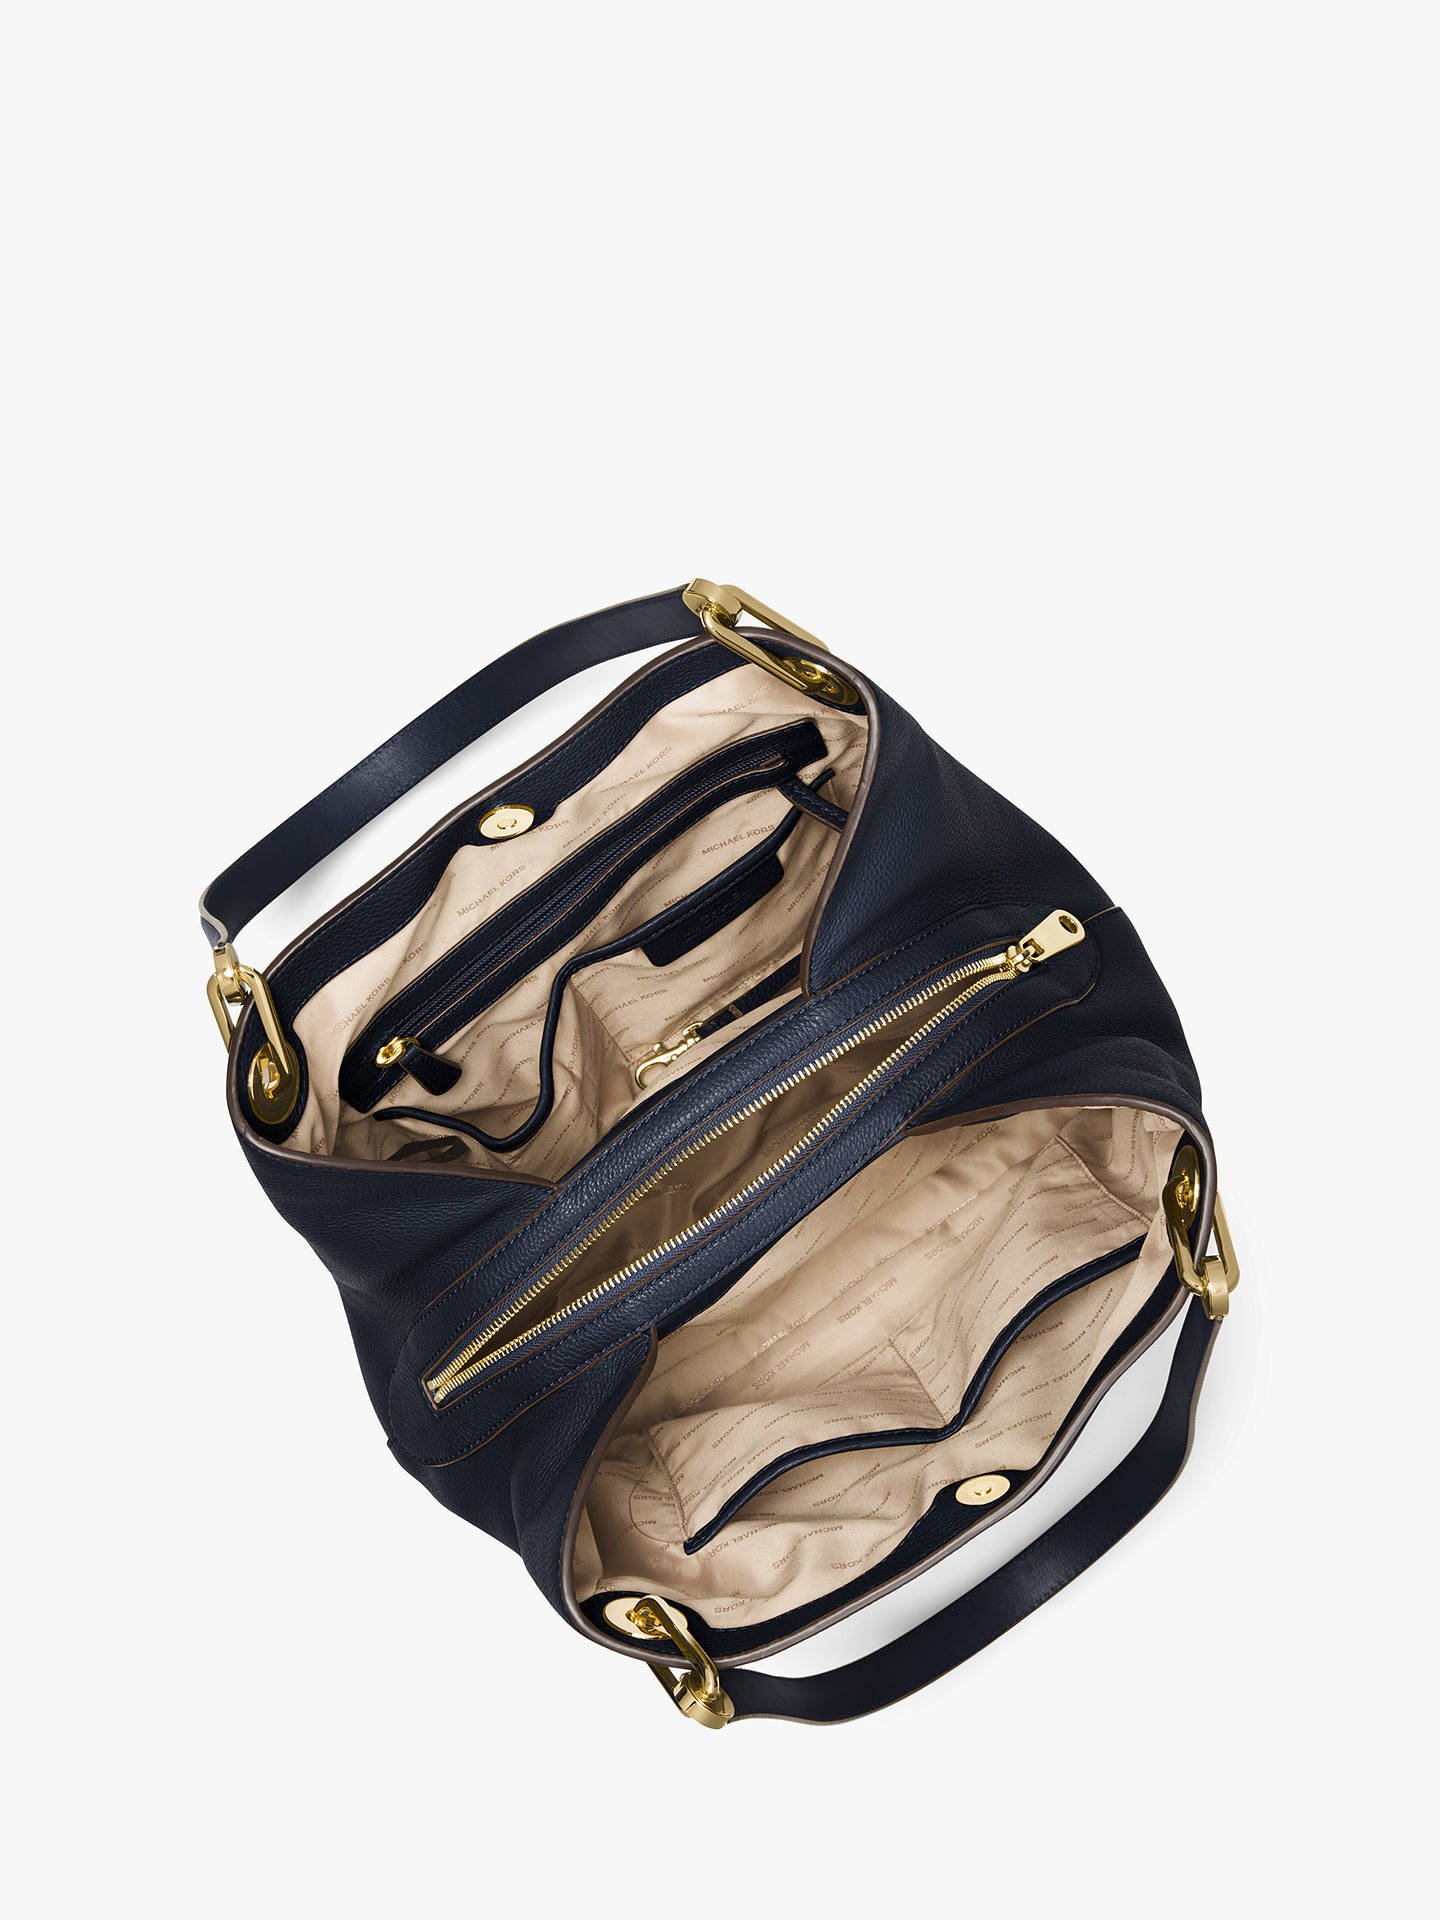 294f9f7846f2 ... Buy MICHAEL Michael Kors Raven Leather Large Shoulder Bag, Admiral  Online at johnlewis.com ...